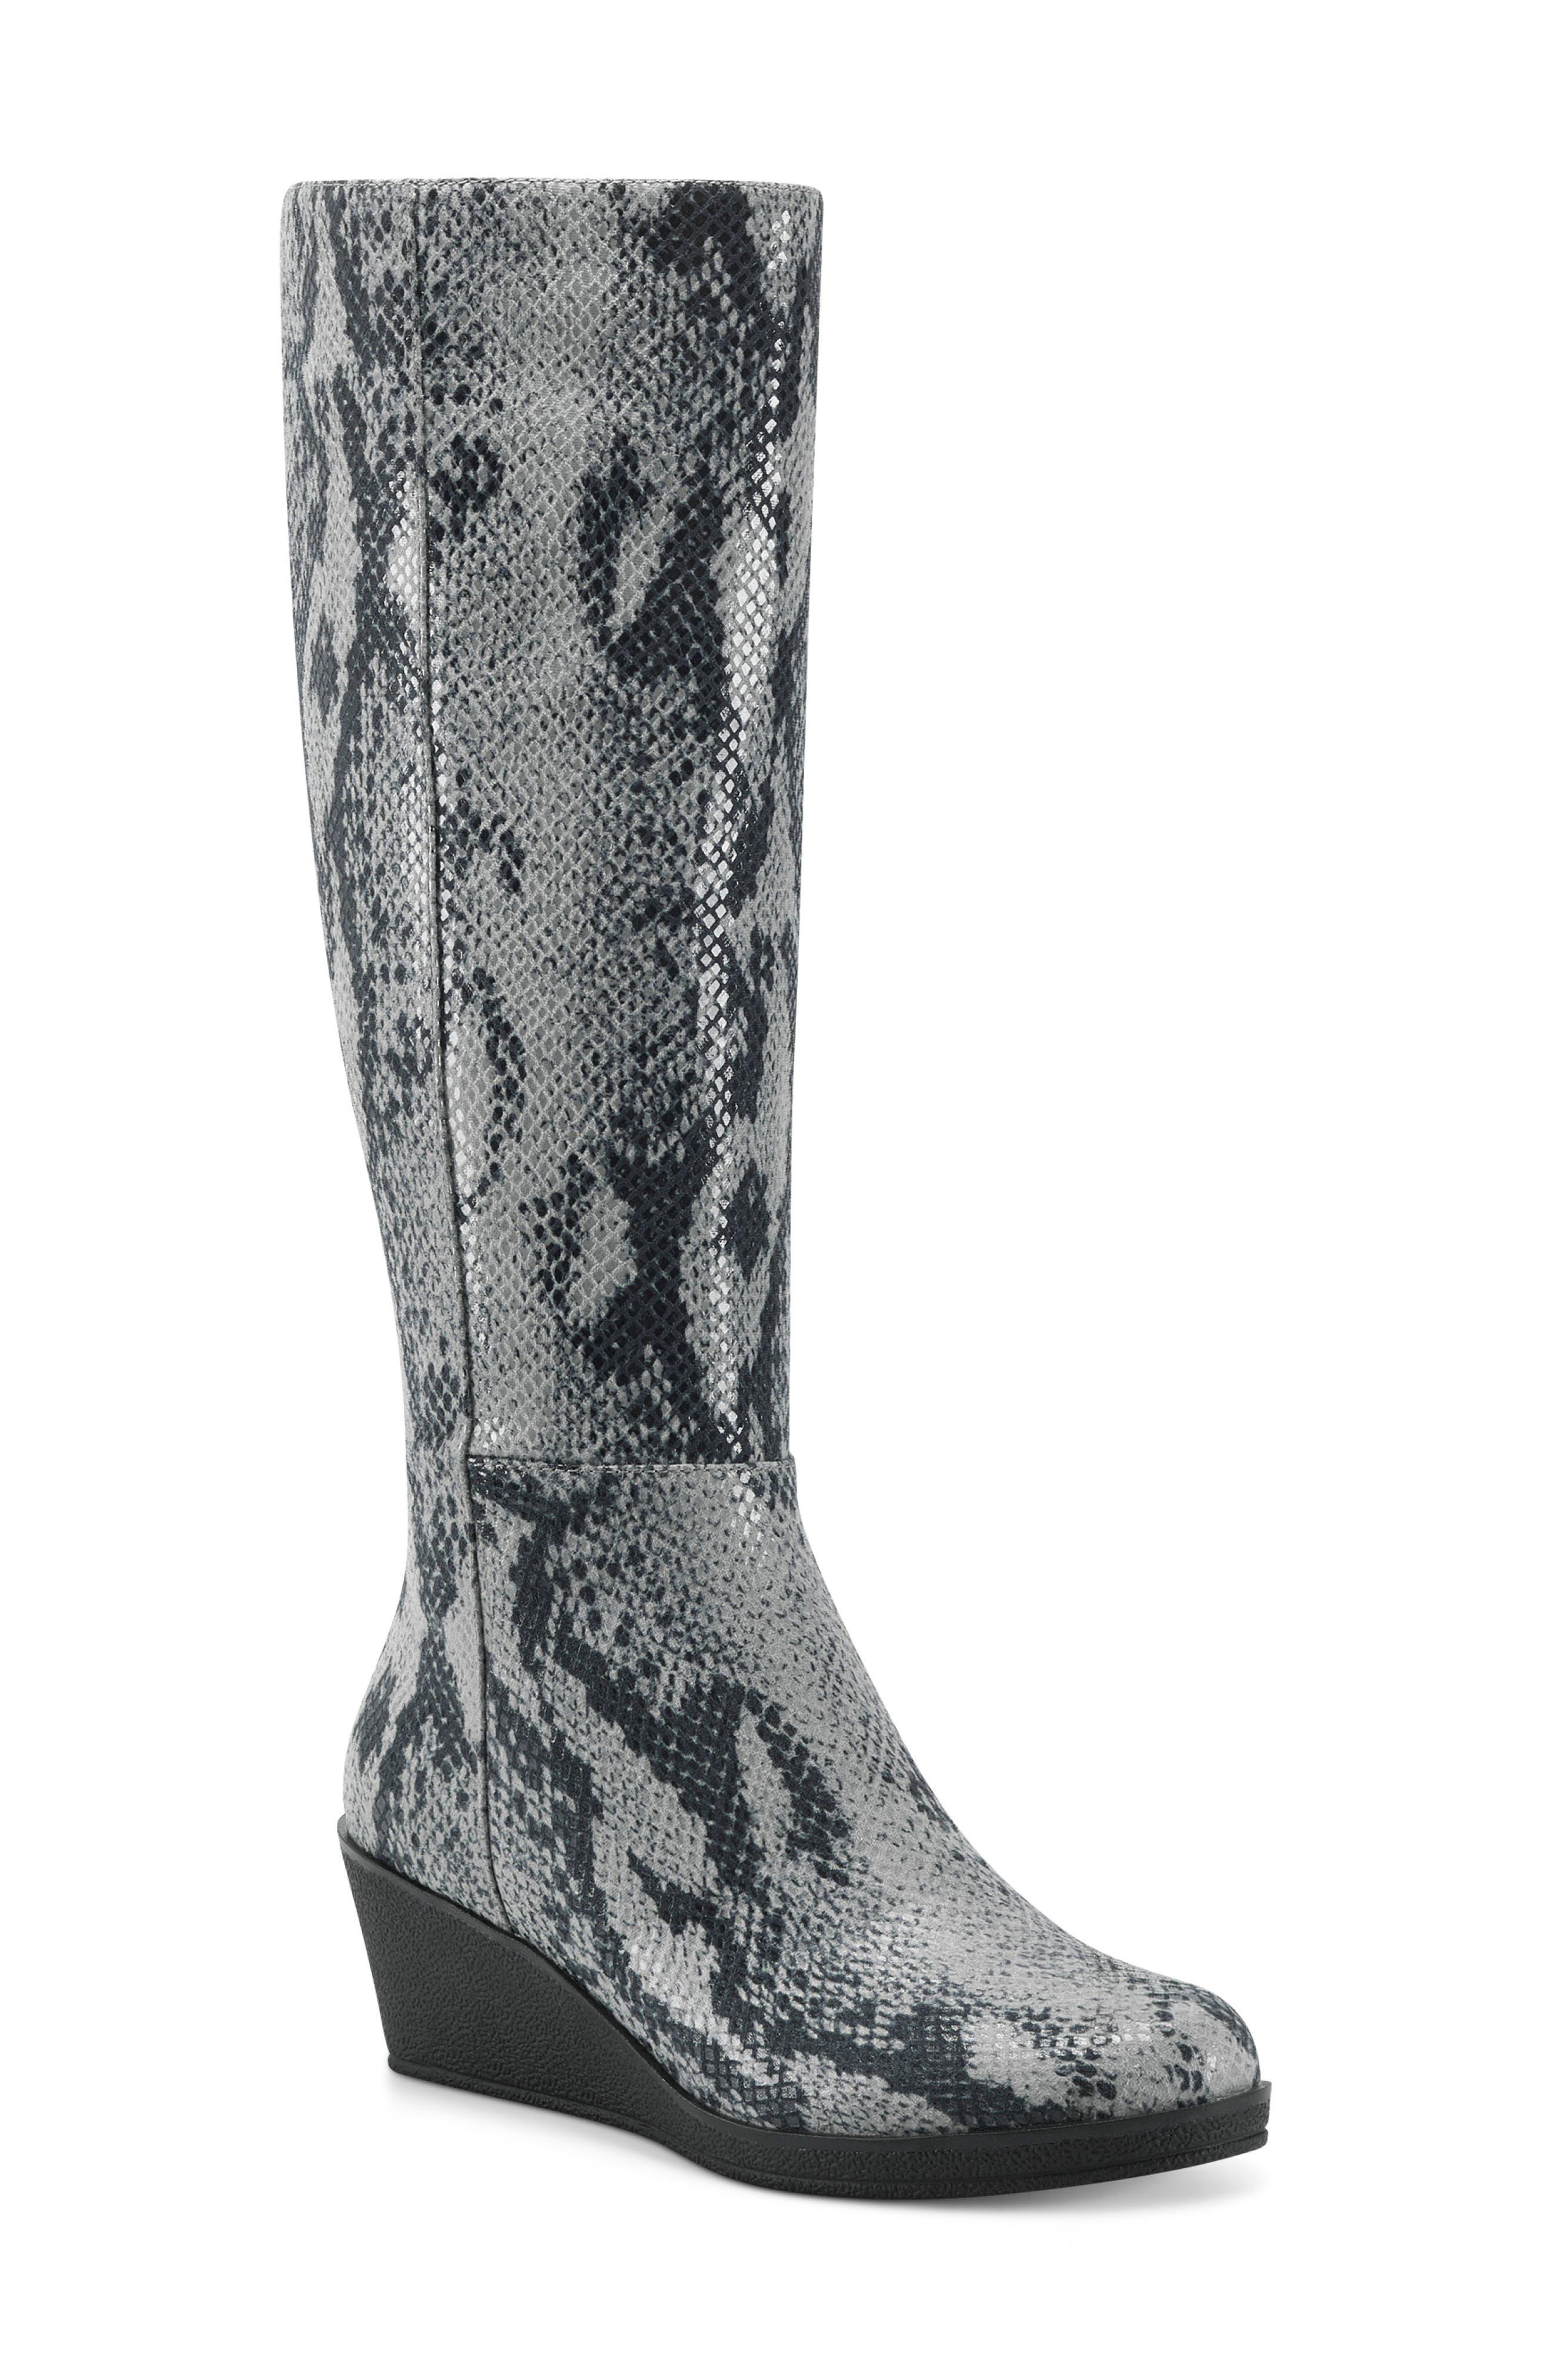 Brenna Knee High Wedge Boot